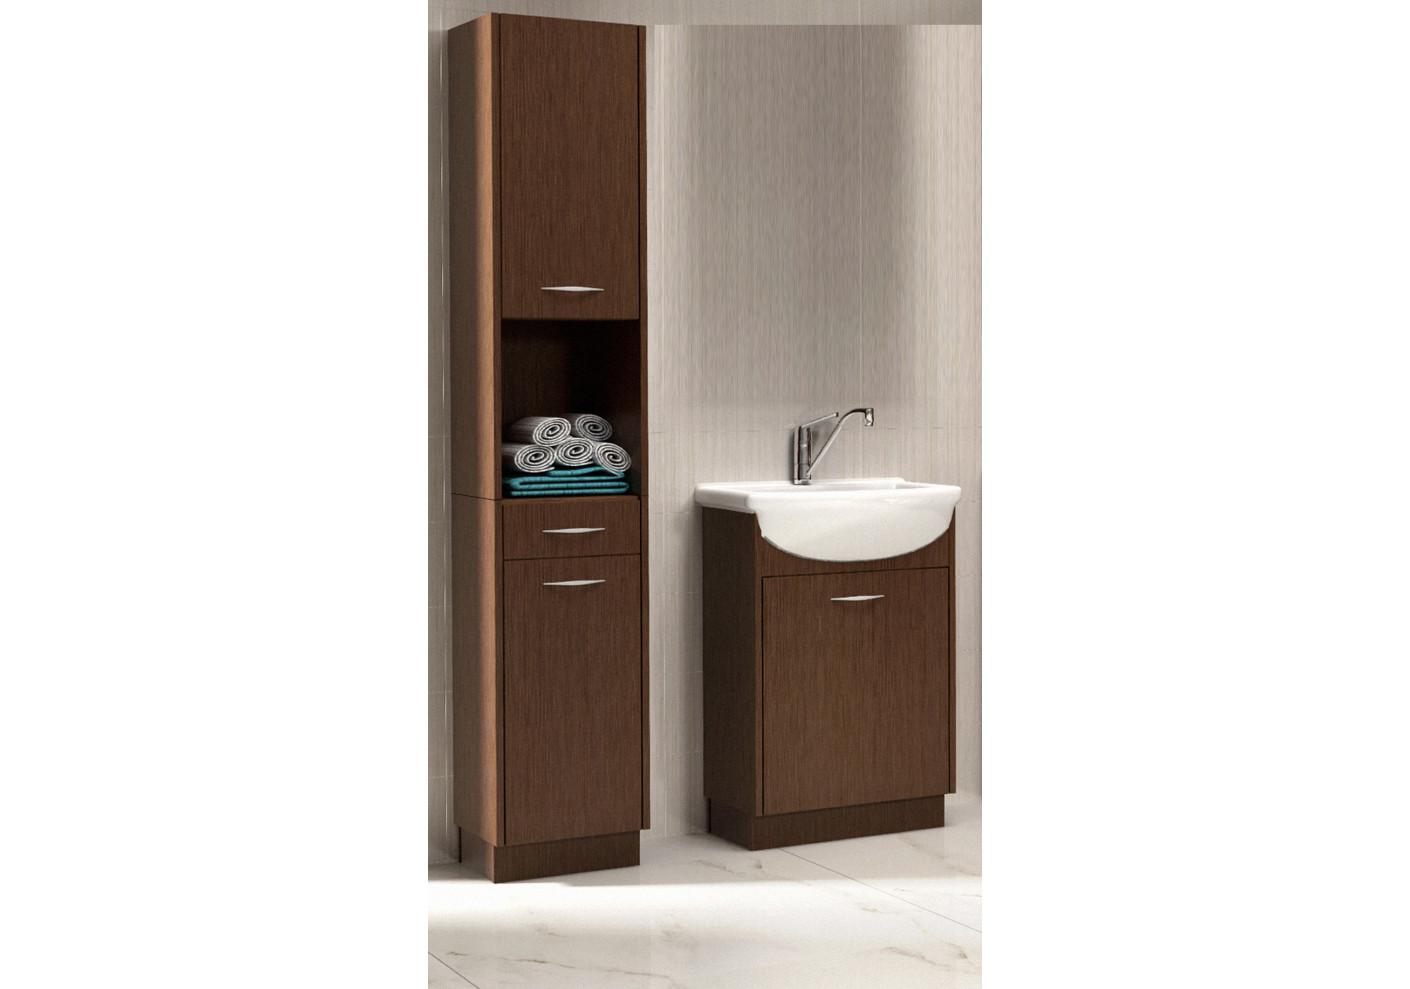 salle de bains nancy wenge 1 colonne 1 meuble lavabo 1 vasque